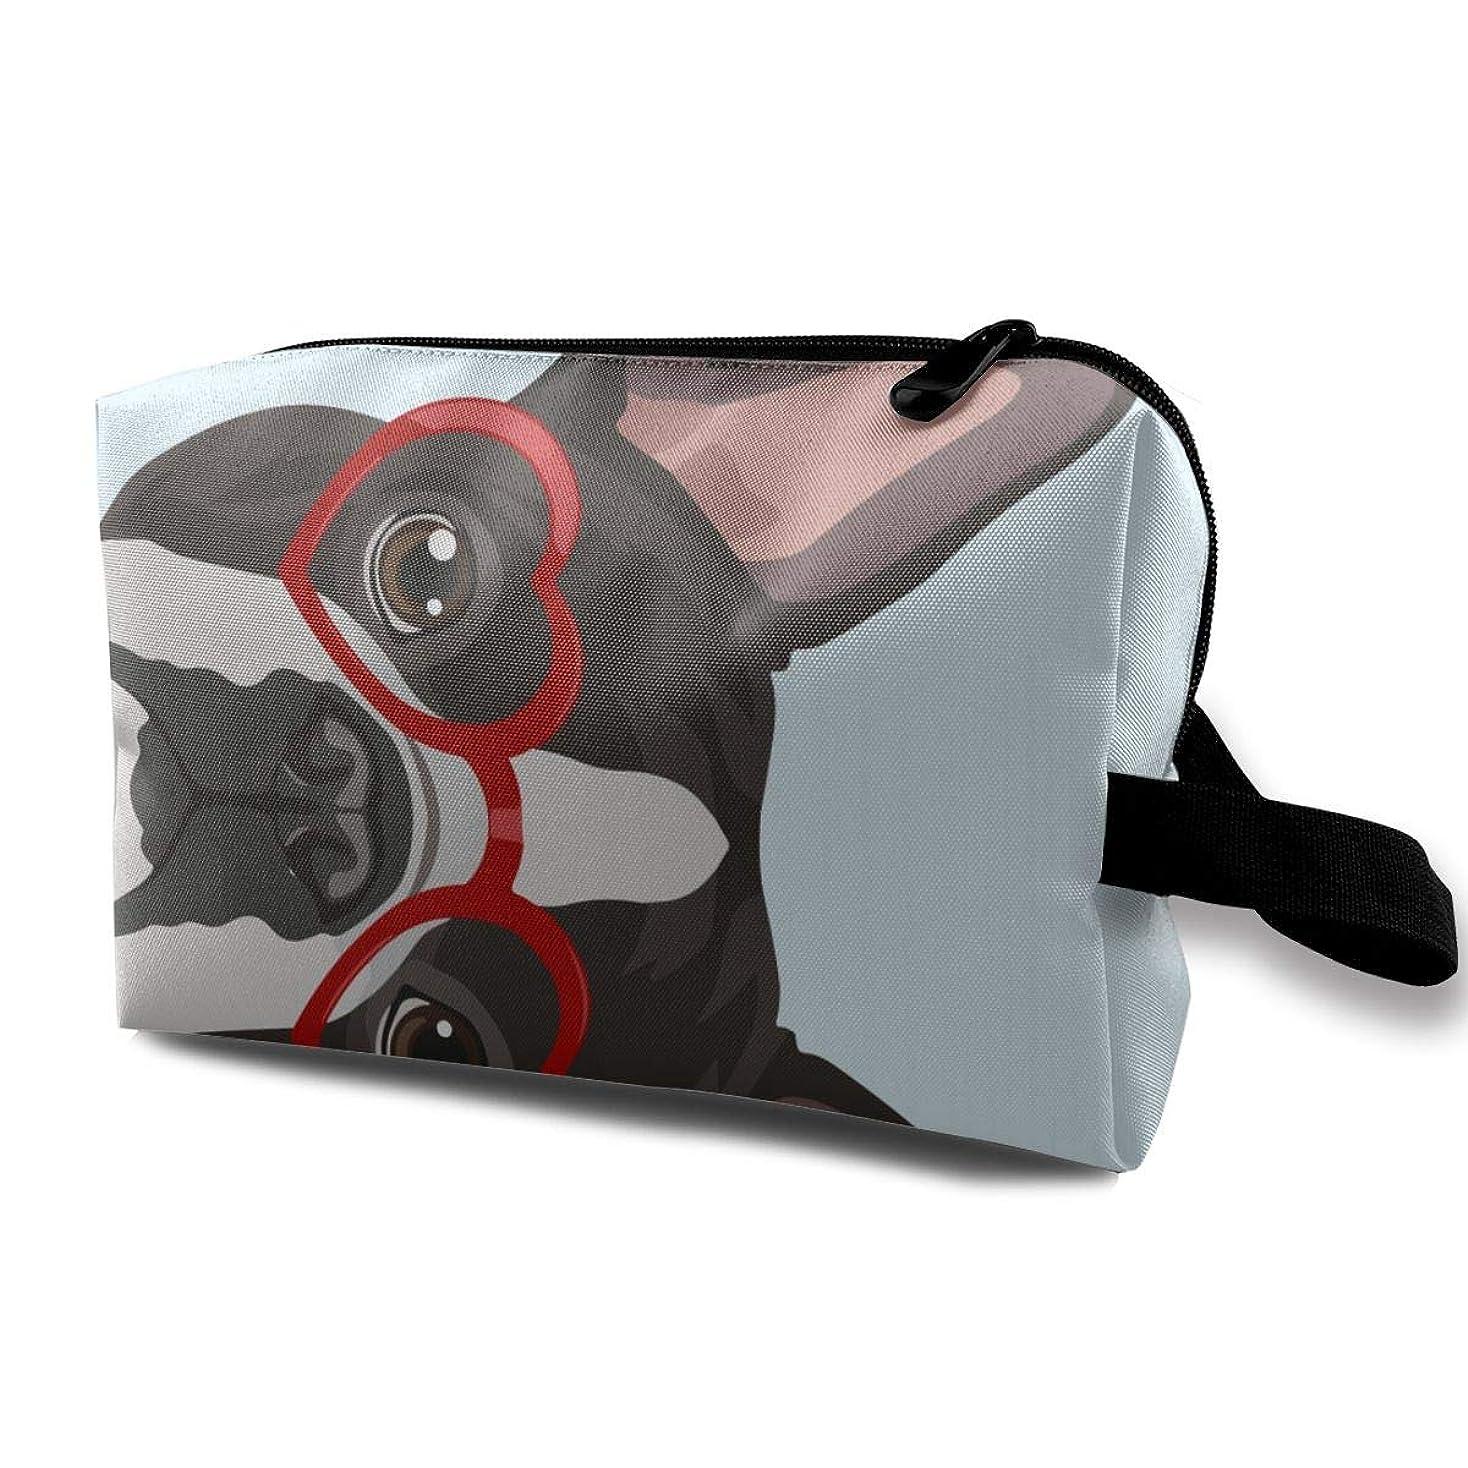 広く展望台キーメイクポーチ ボストン犬 トラベルポーチ シングルファスナーポーチ 大容量 トラベル コンパクト 旅行収納バック 化粧品収納 便利グッズ 旅行?出張?家庭用